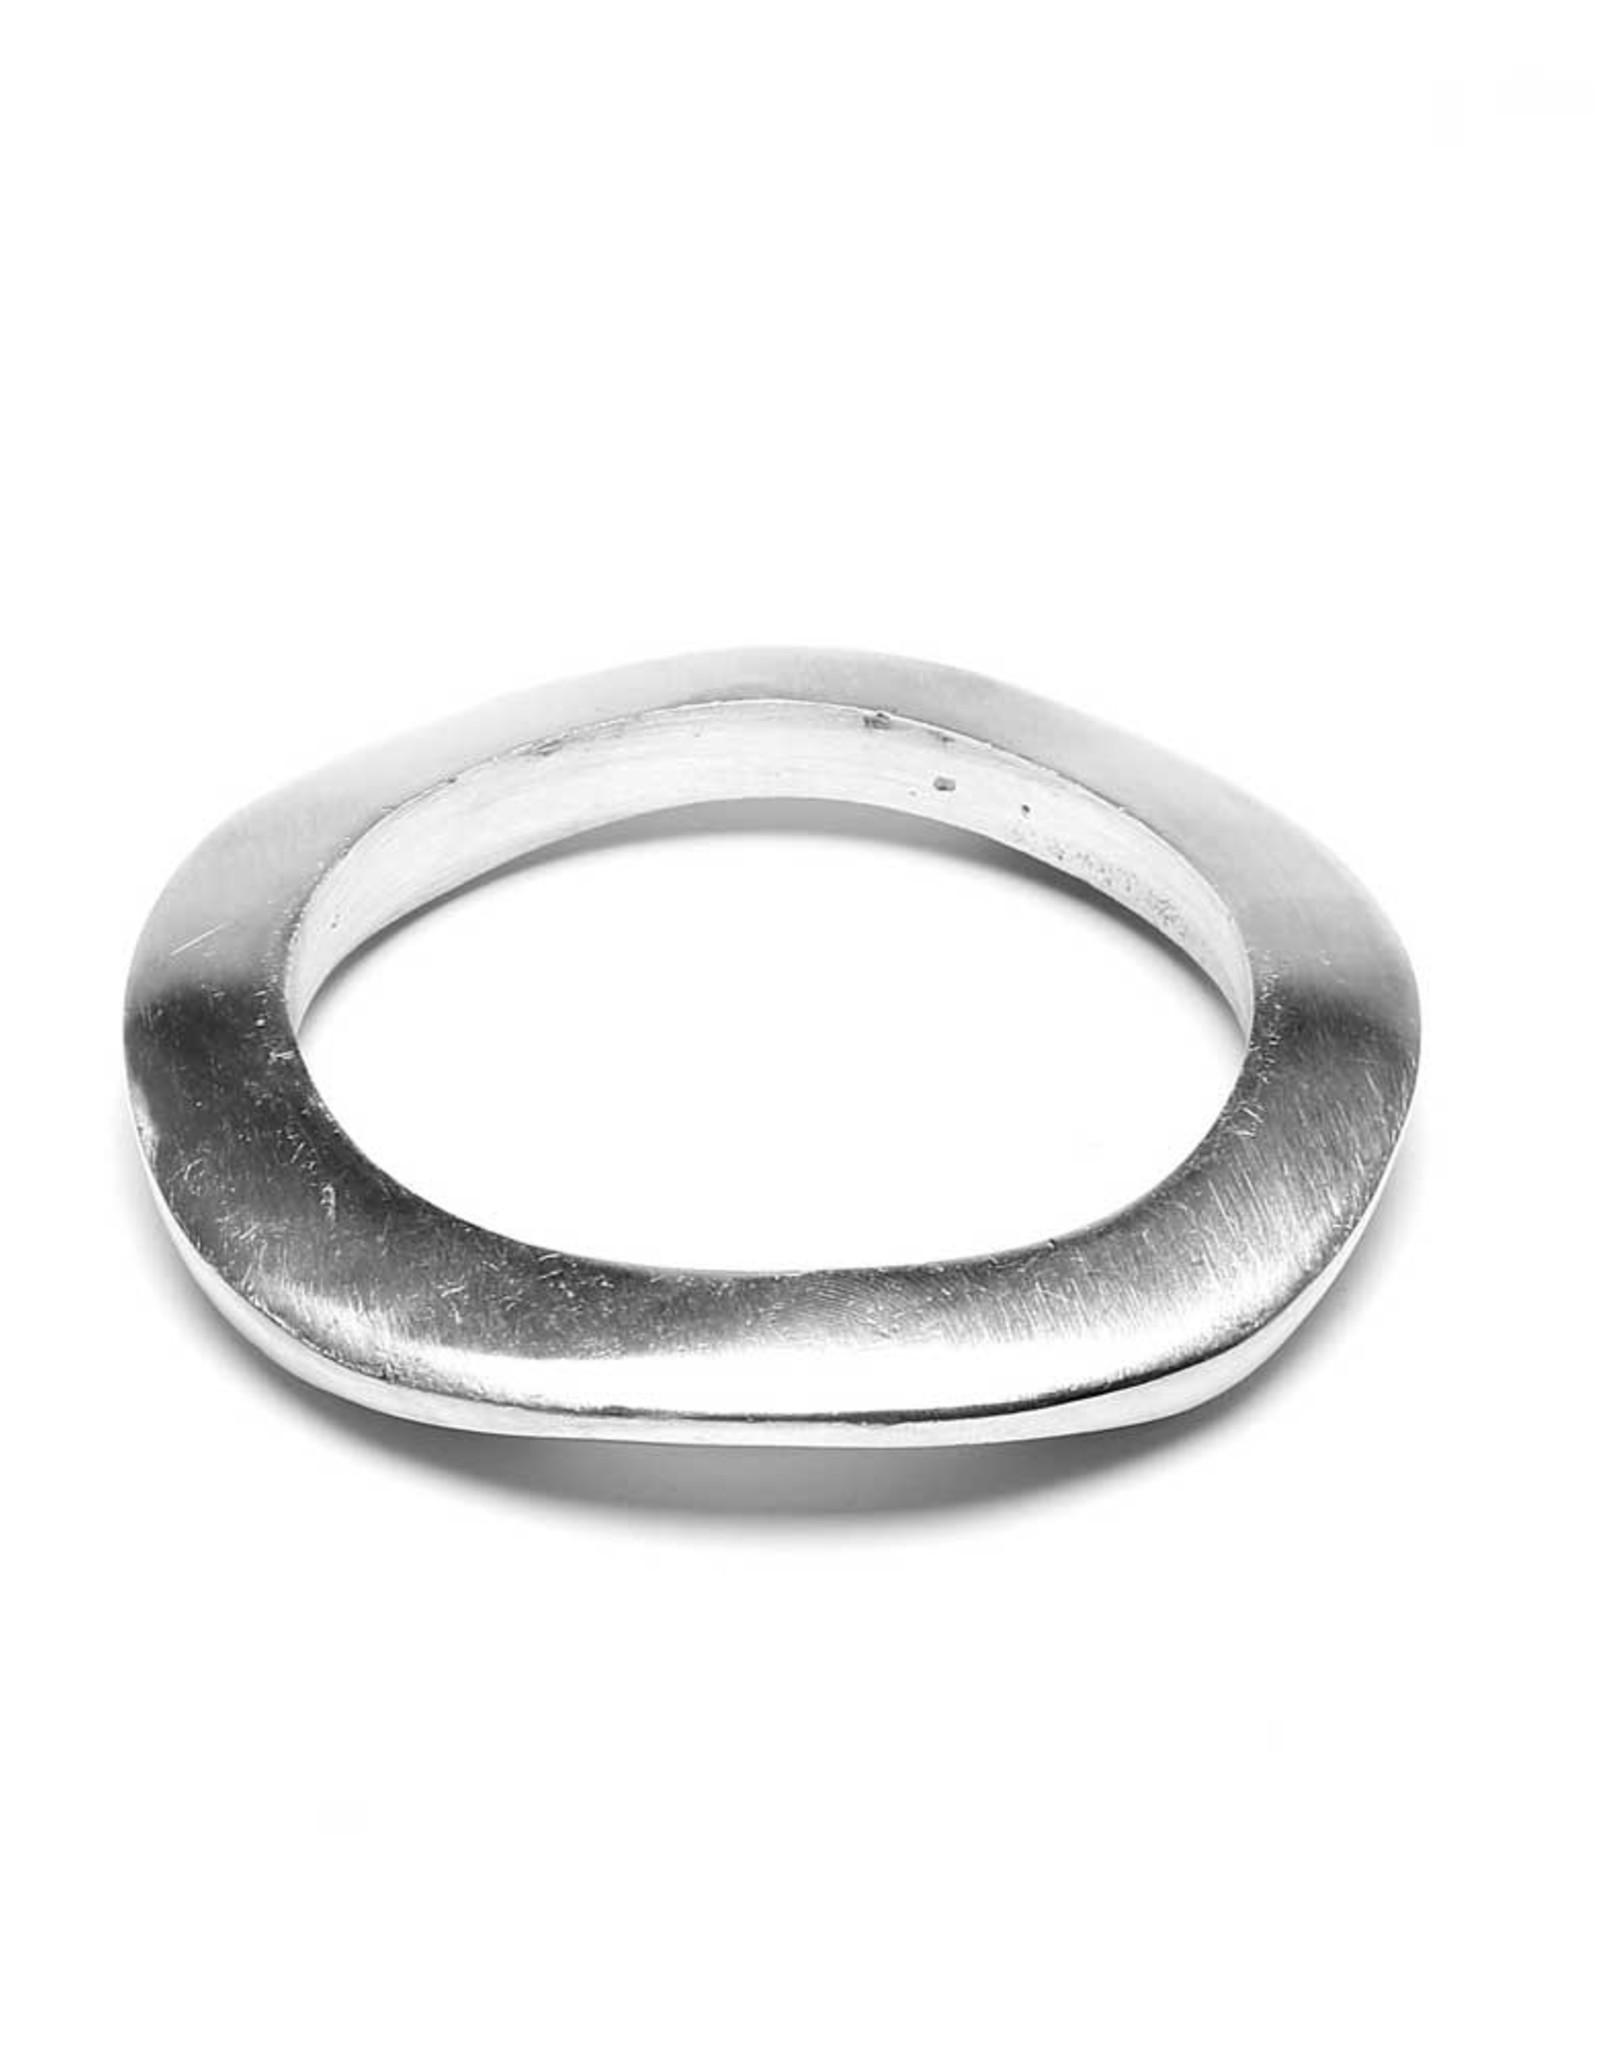 VESTOPAZZO Aluminum Corrugated Bracelet 1cm